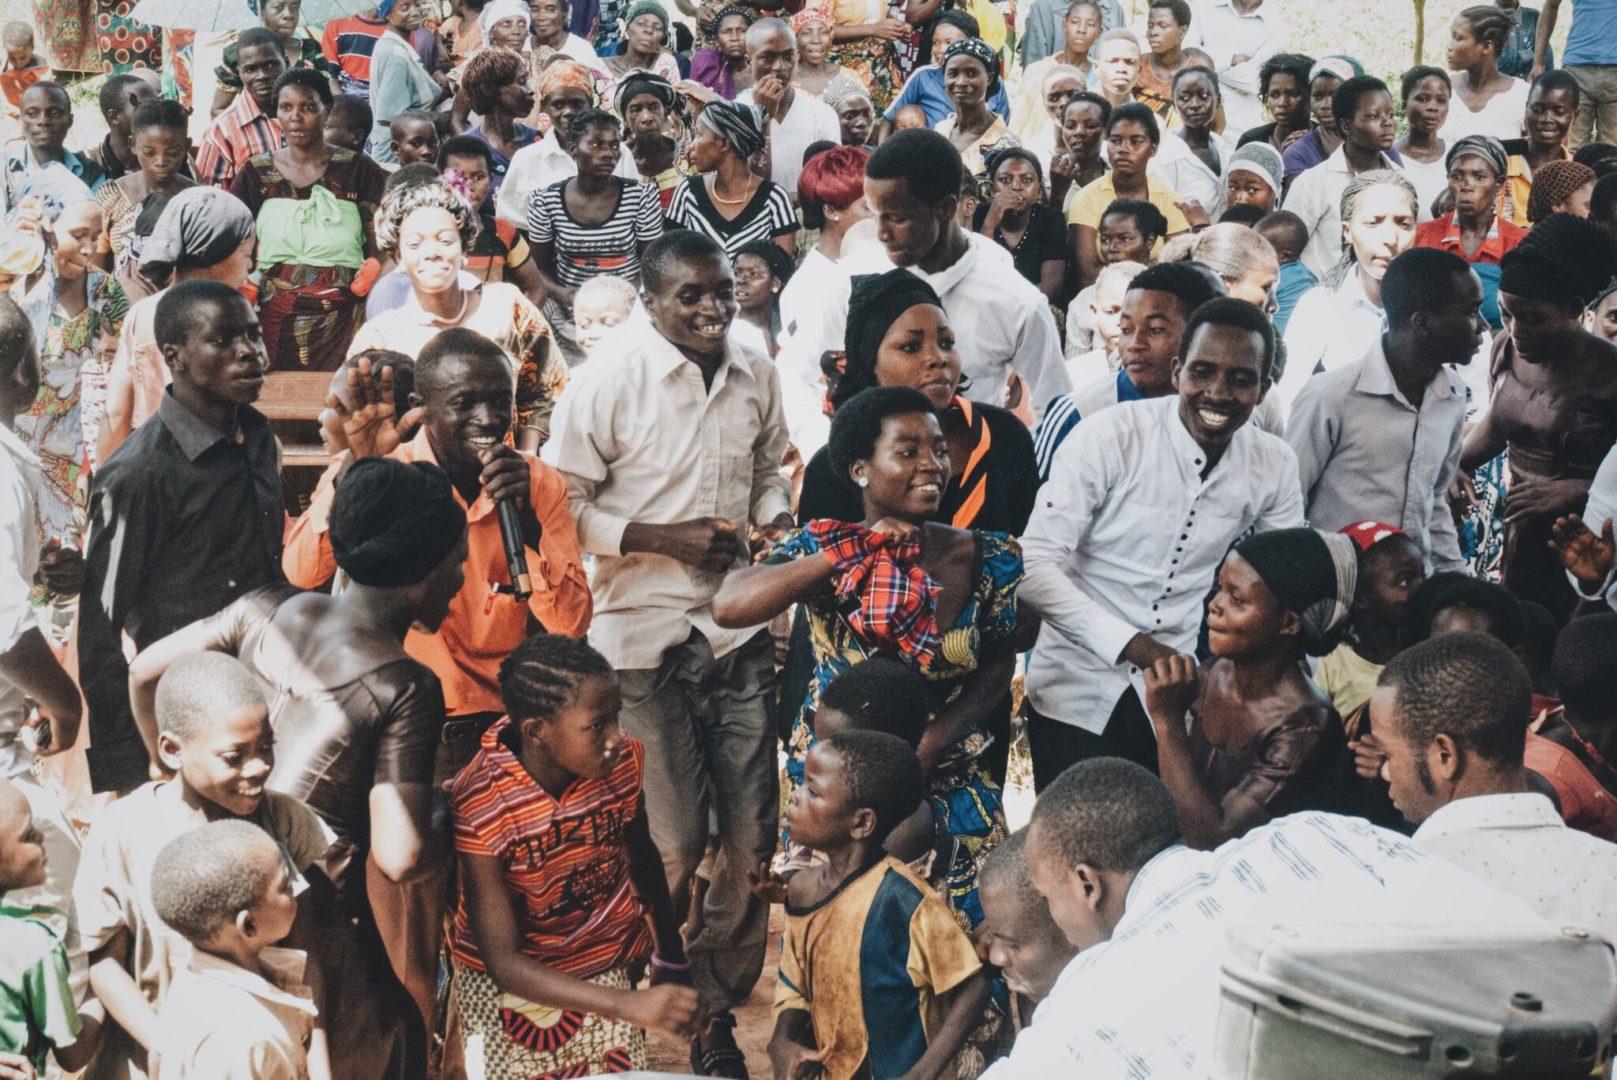 A Festival in the Congo